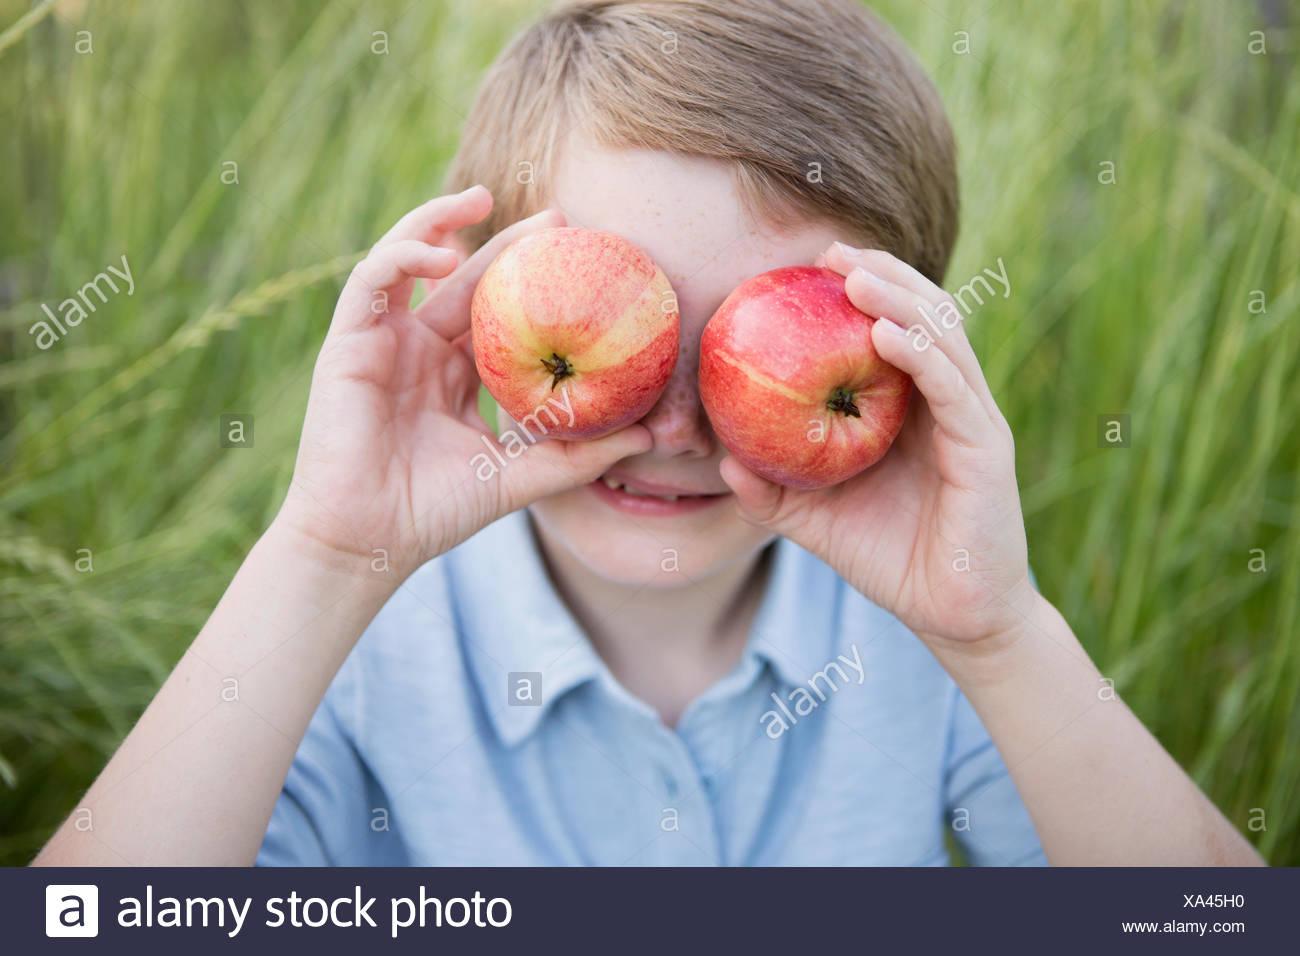 Ein Junge hielt zwei rote gehäutet Äpfel über die Augen. Stockbild